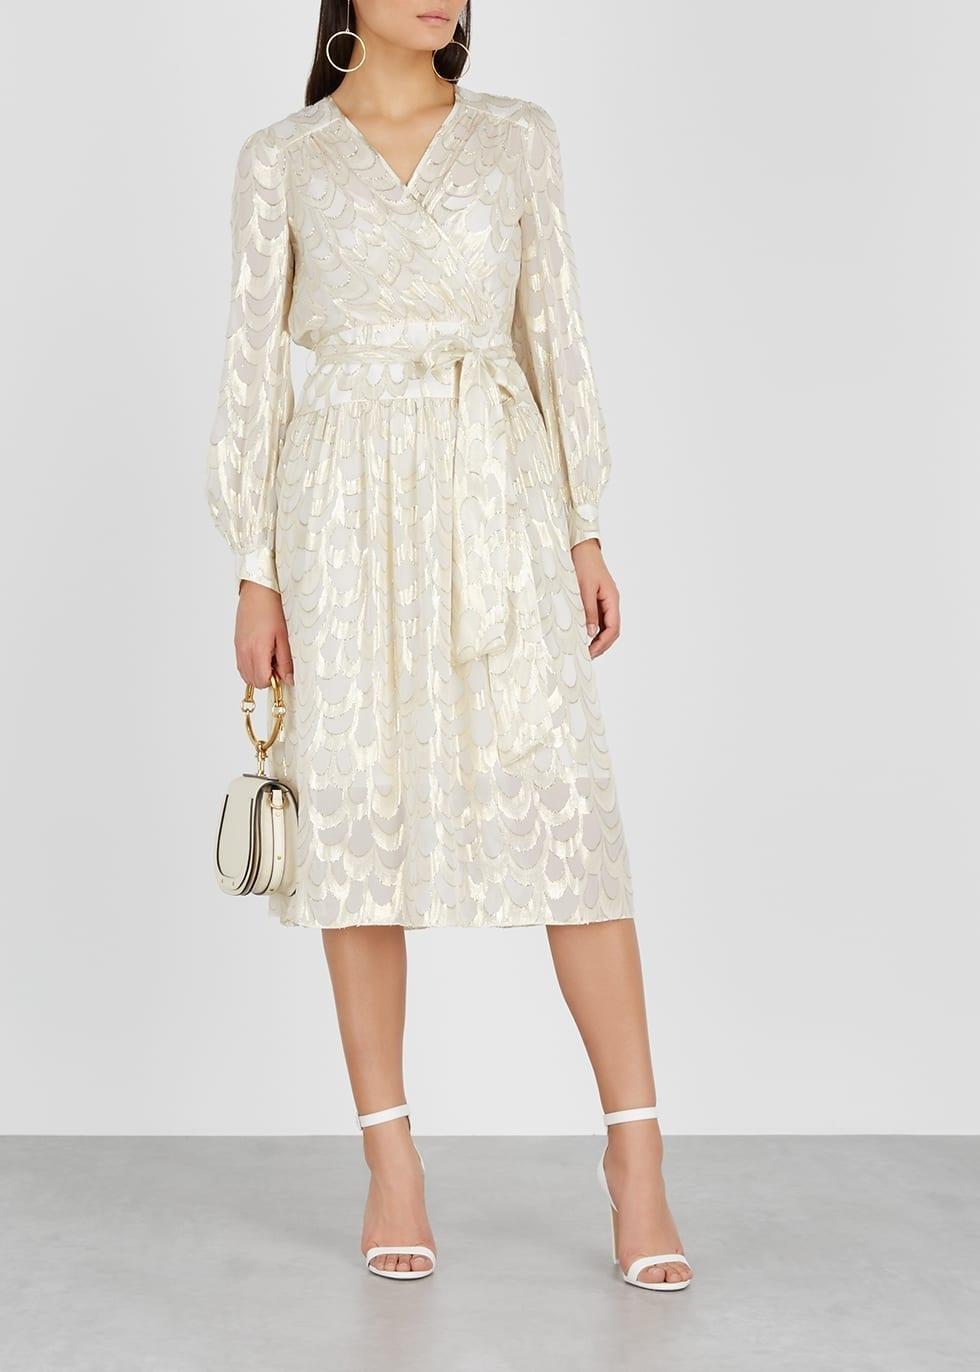 MILLY Katy Fil Coupé Silk-blend Ivory Dress